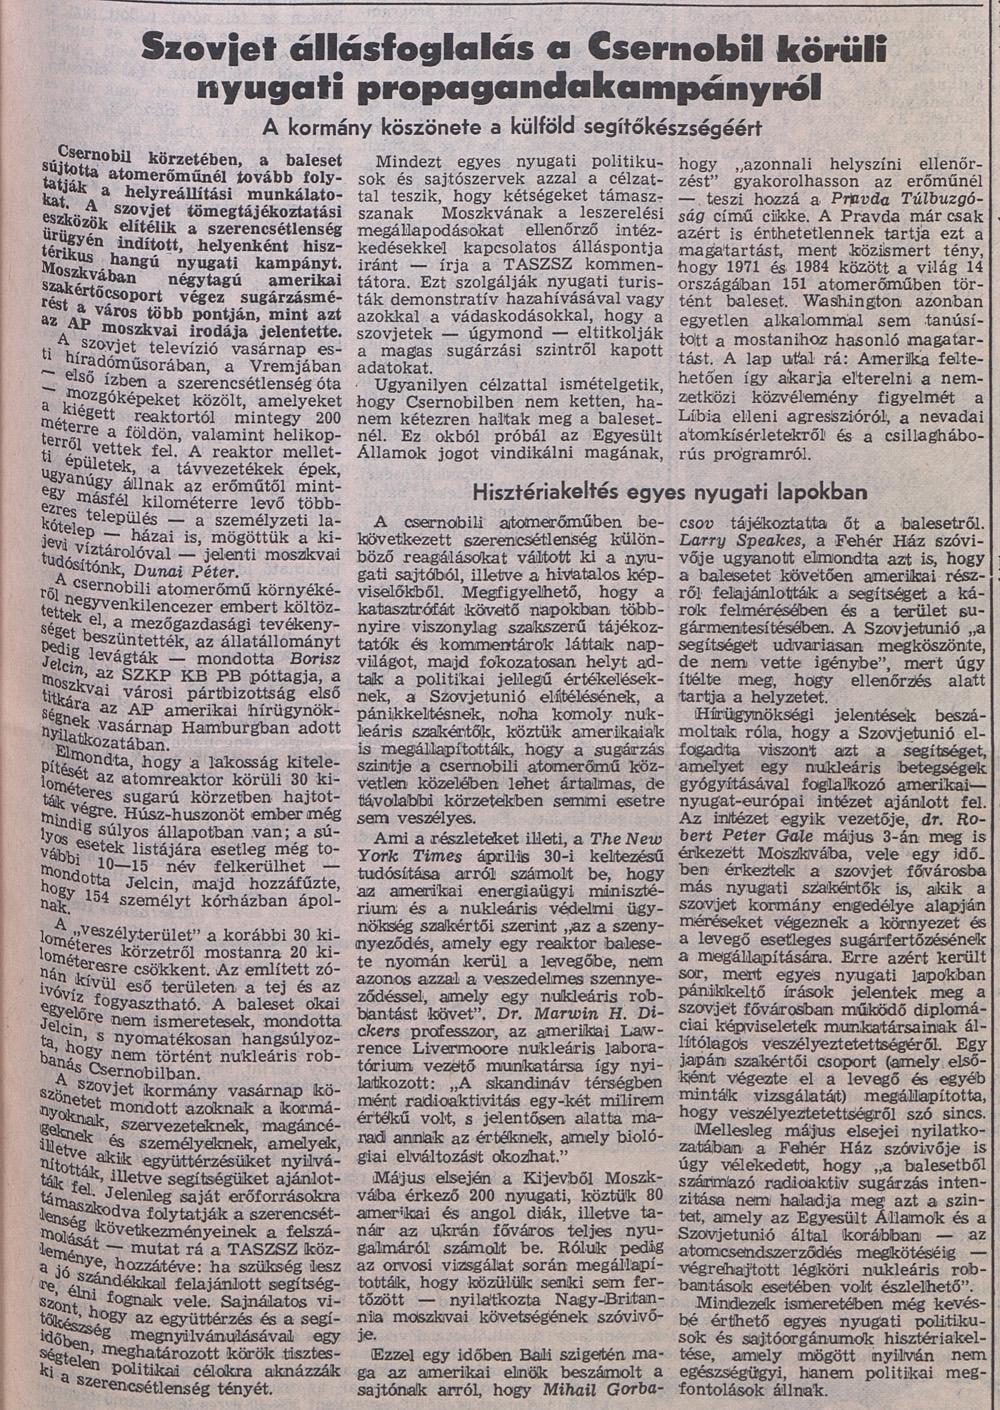 Népszabdság 1986. május 5. 3. oldal. OSZK Törzsgyűjtemény